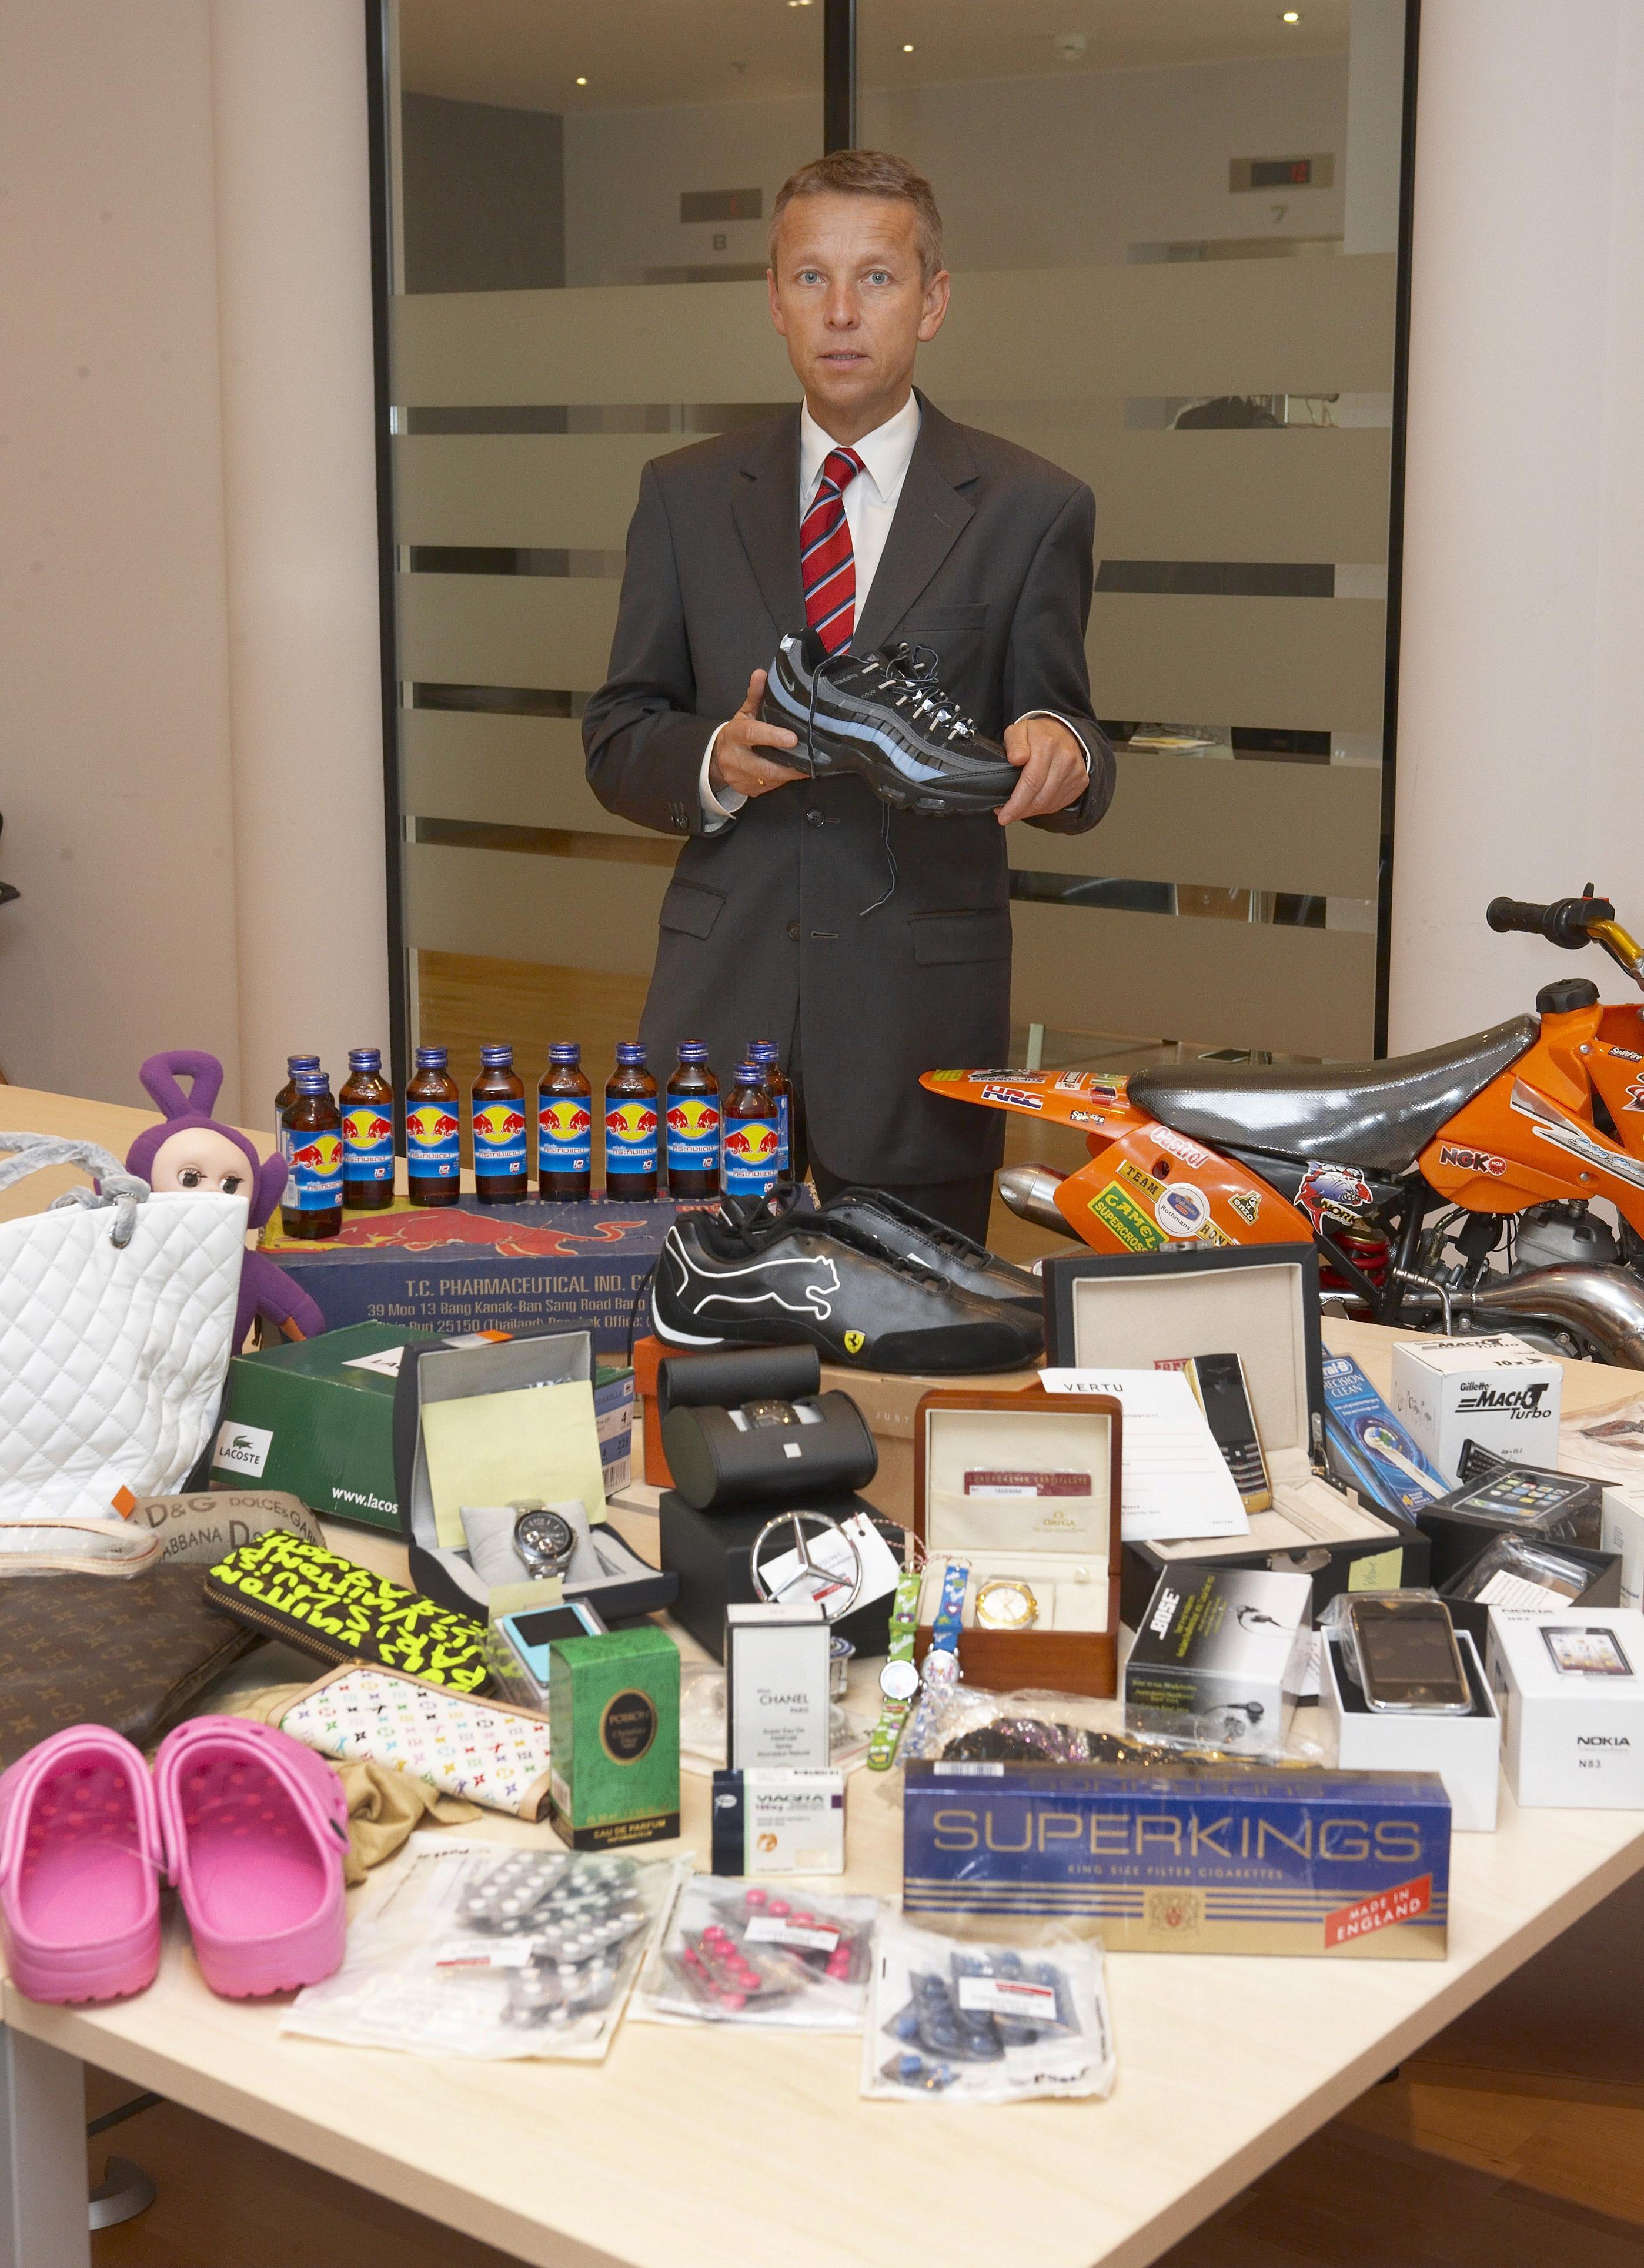 2516 Mal wurden 2009 gefälschte Produkte beschlagnahmt - ein großer Erfolg für den österreichischen Zoll (C) BMF